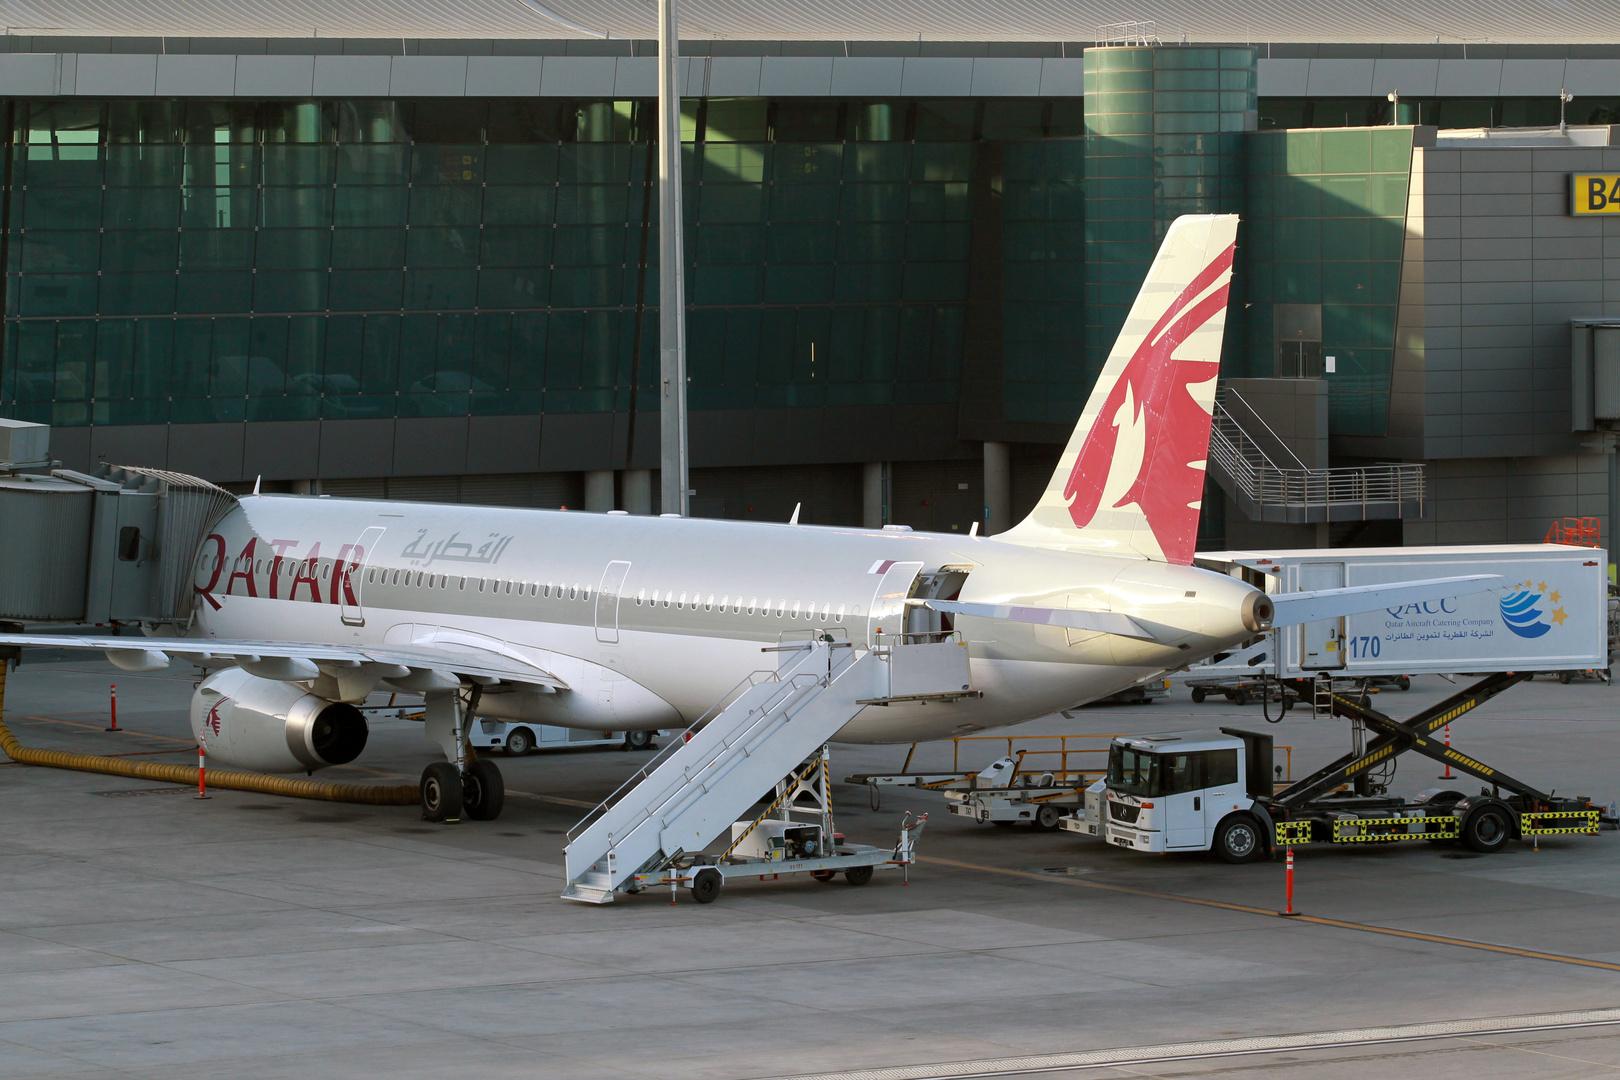 طائرة قطرية في مطار الدوحة